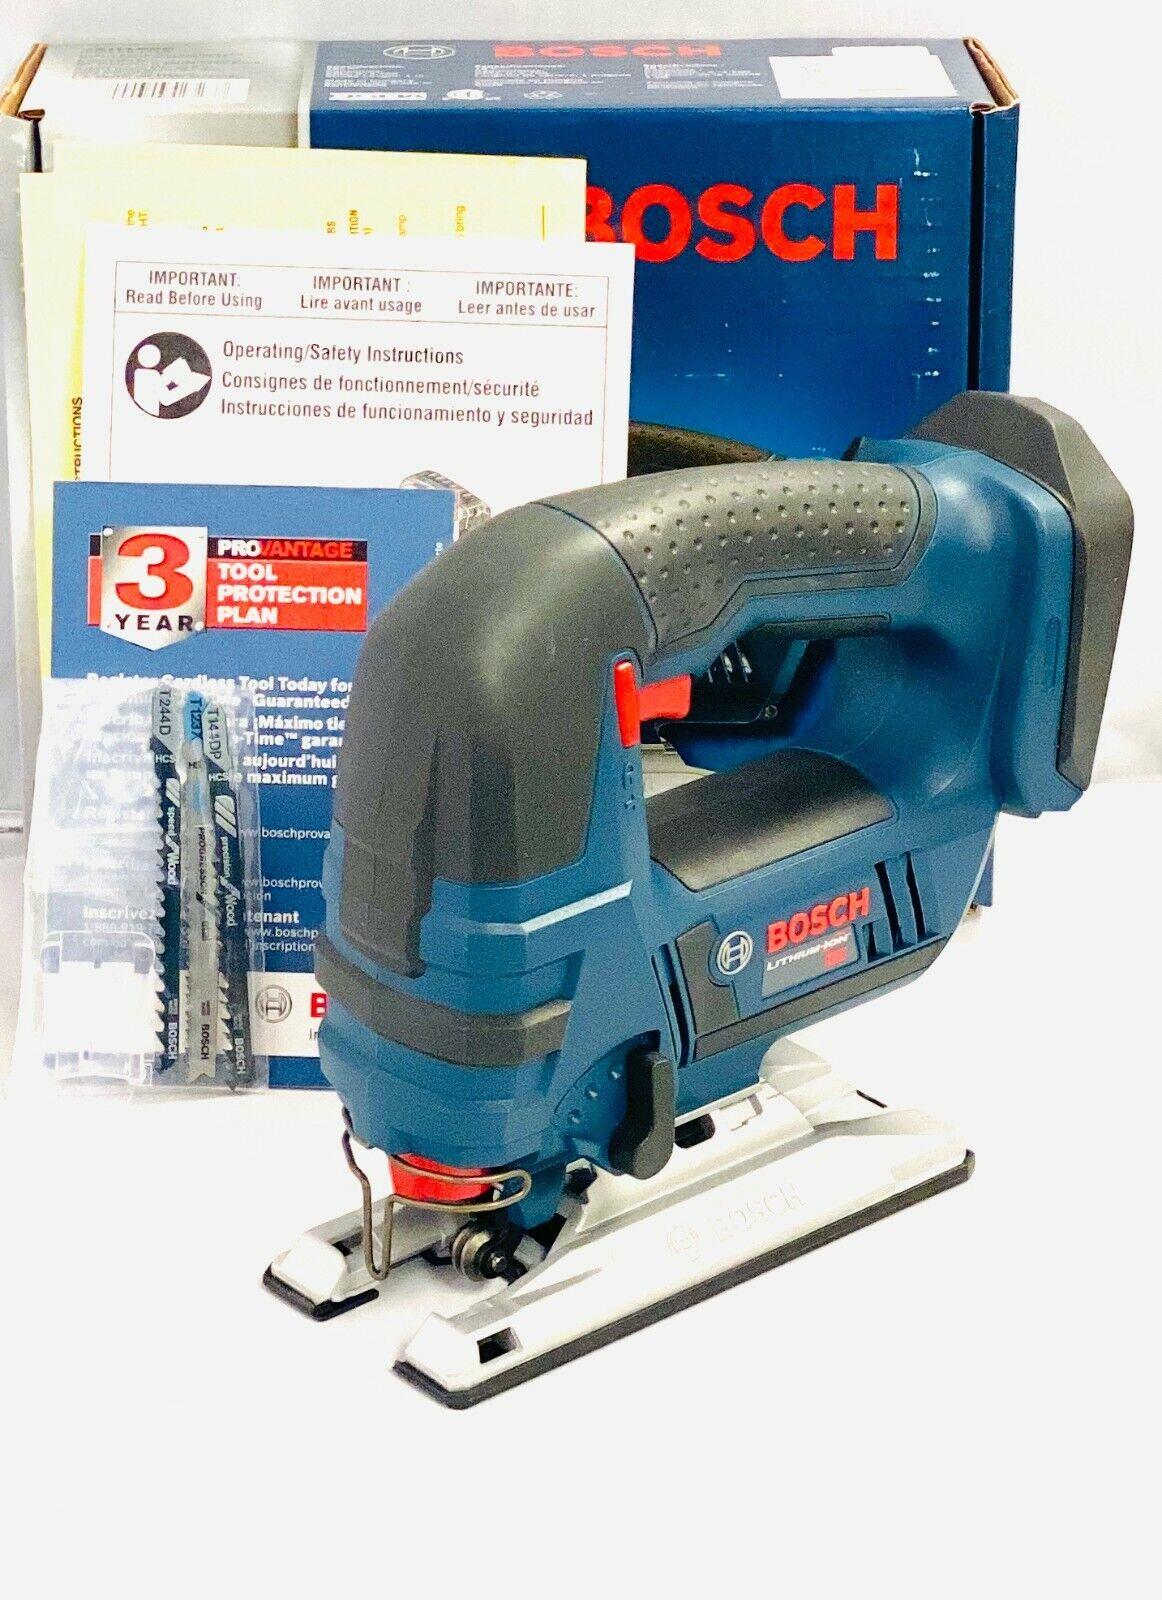 Bosch JSH180B 18V Cordless Lithium-Ion Jig Saw